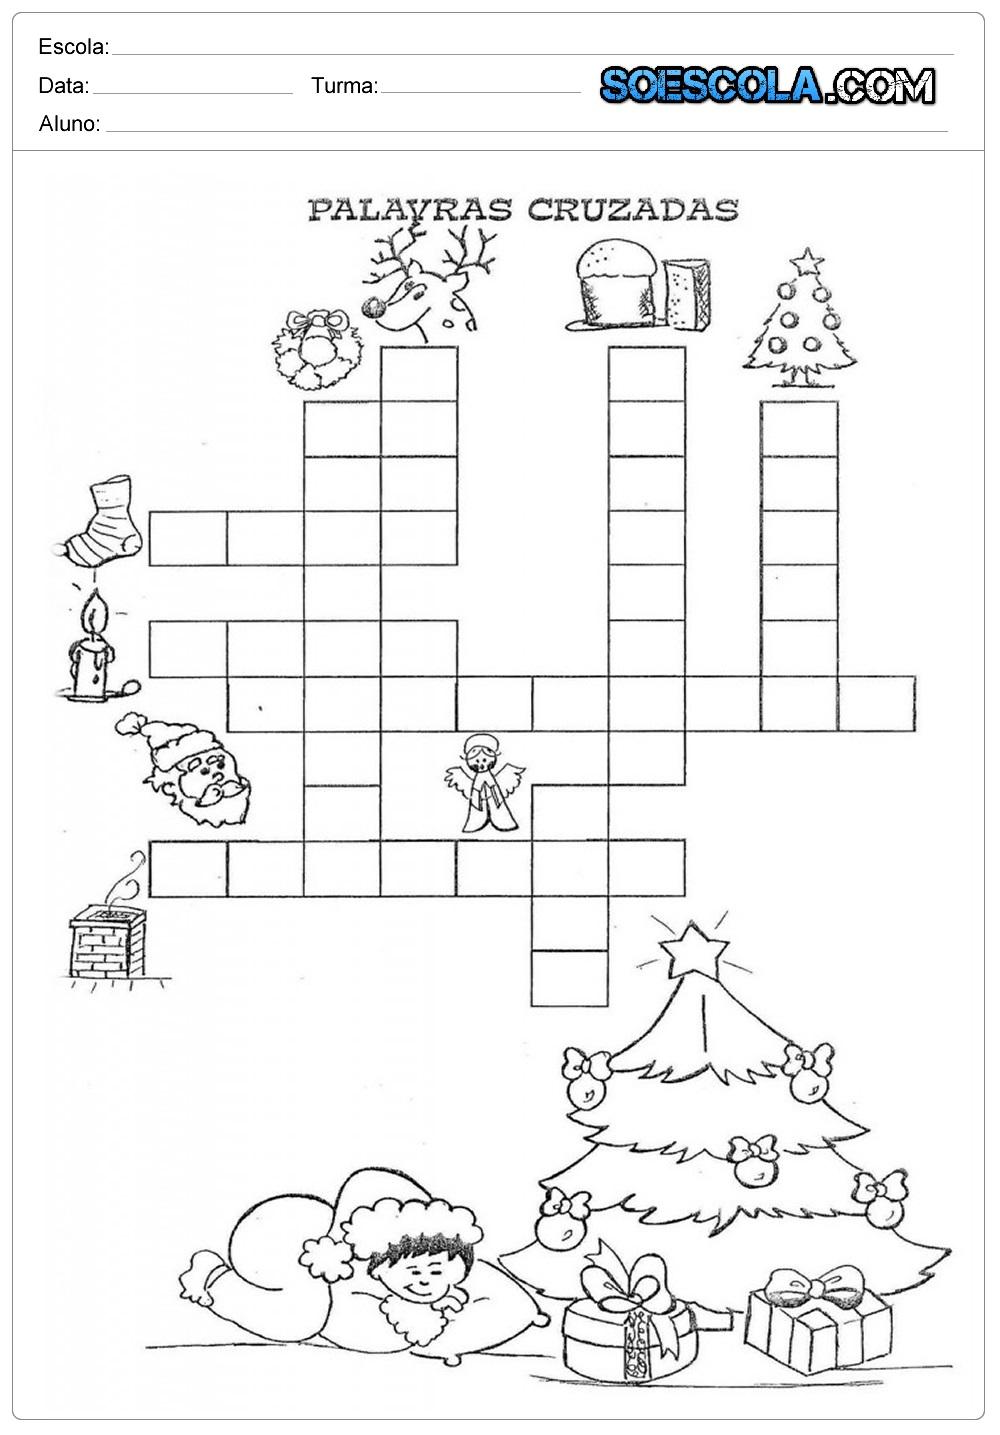 25 Atividades de Natal para imprimir - Atividades Educativas em PDF